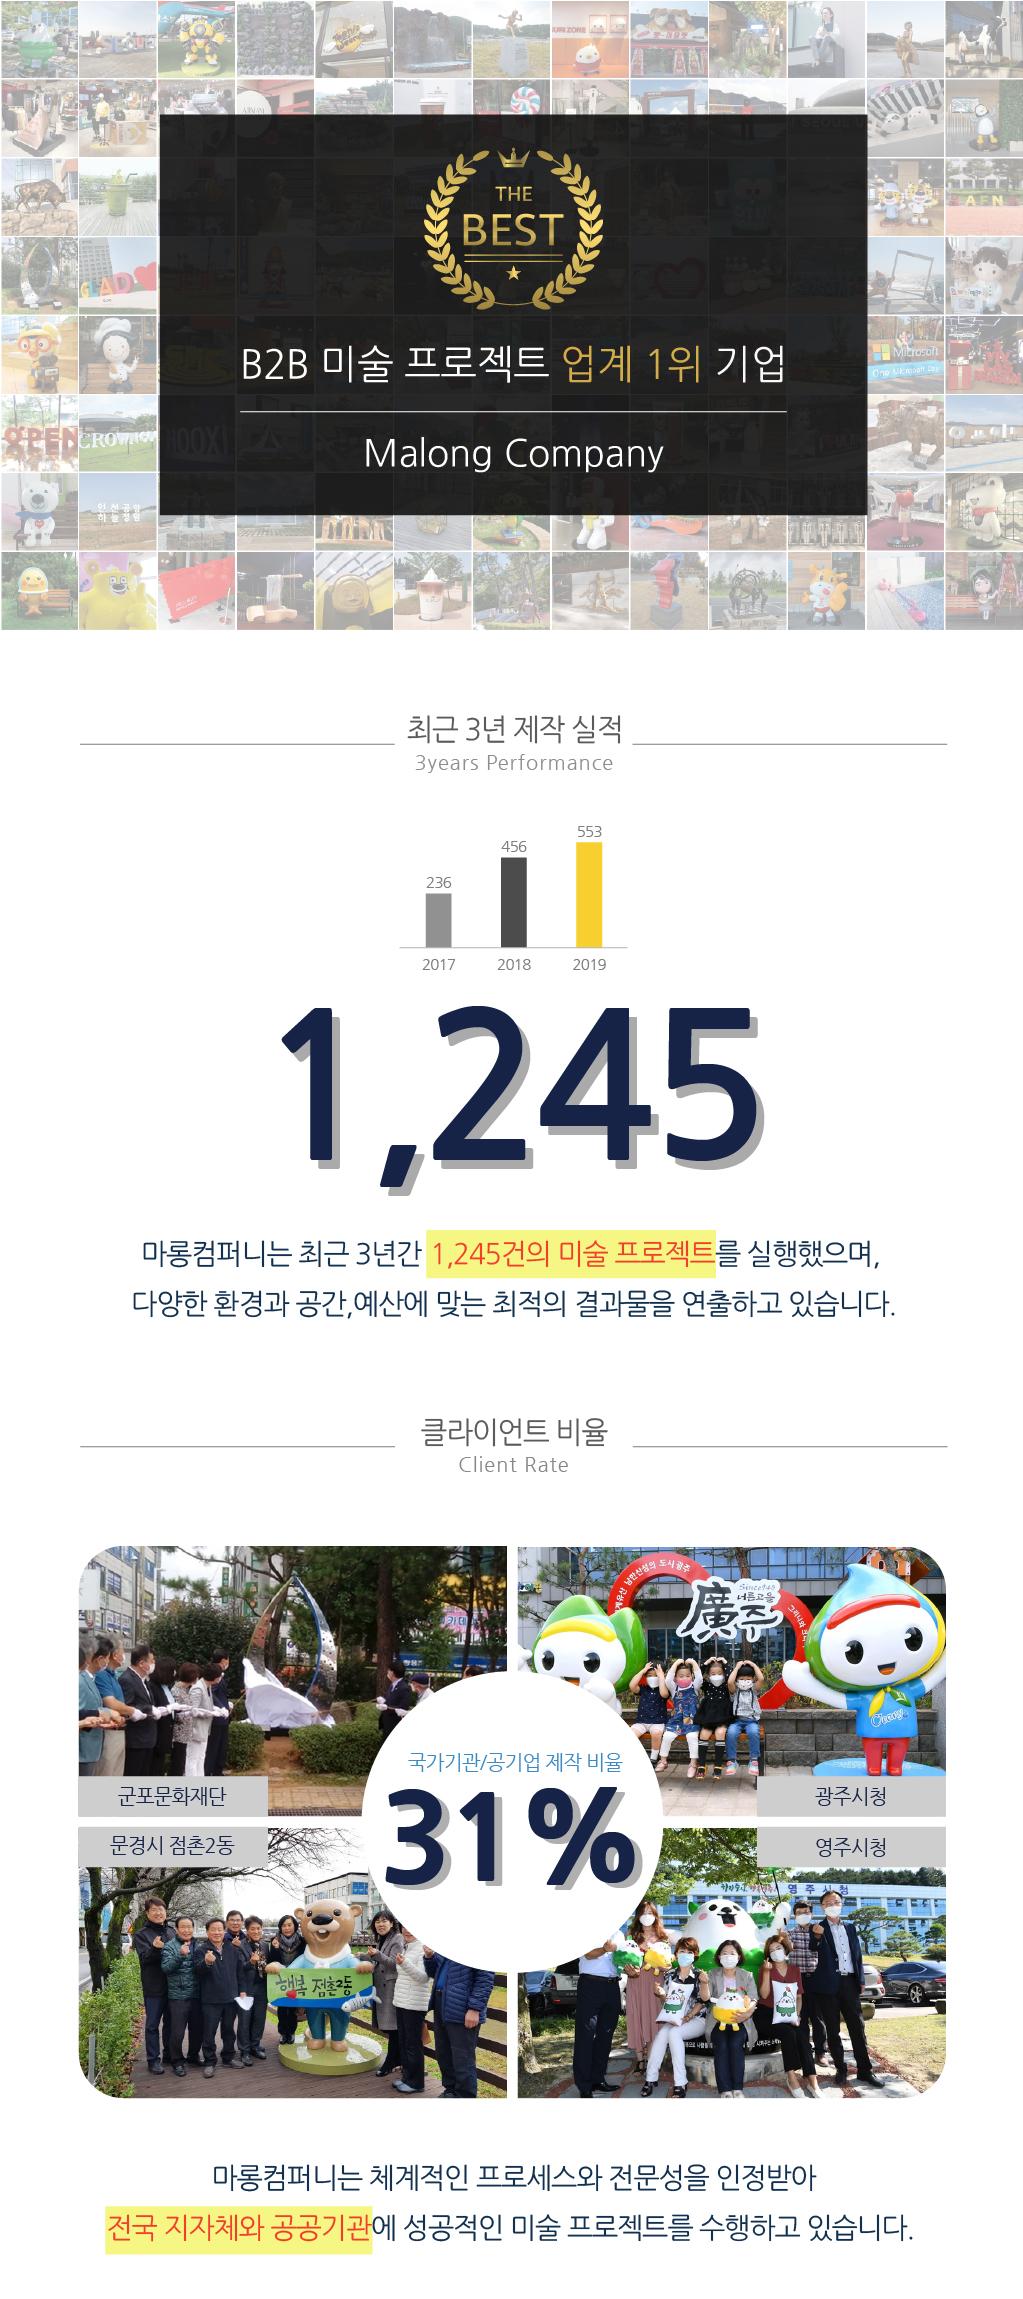 월악산 국립공원 깃대종 산양 frp 캐릭터 조형물 제작